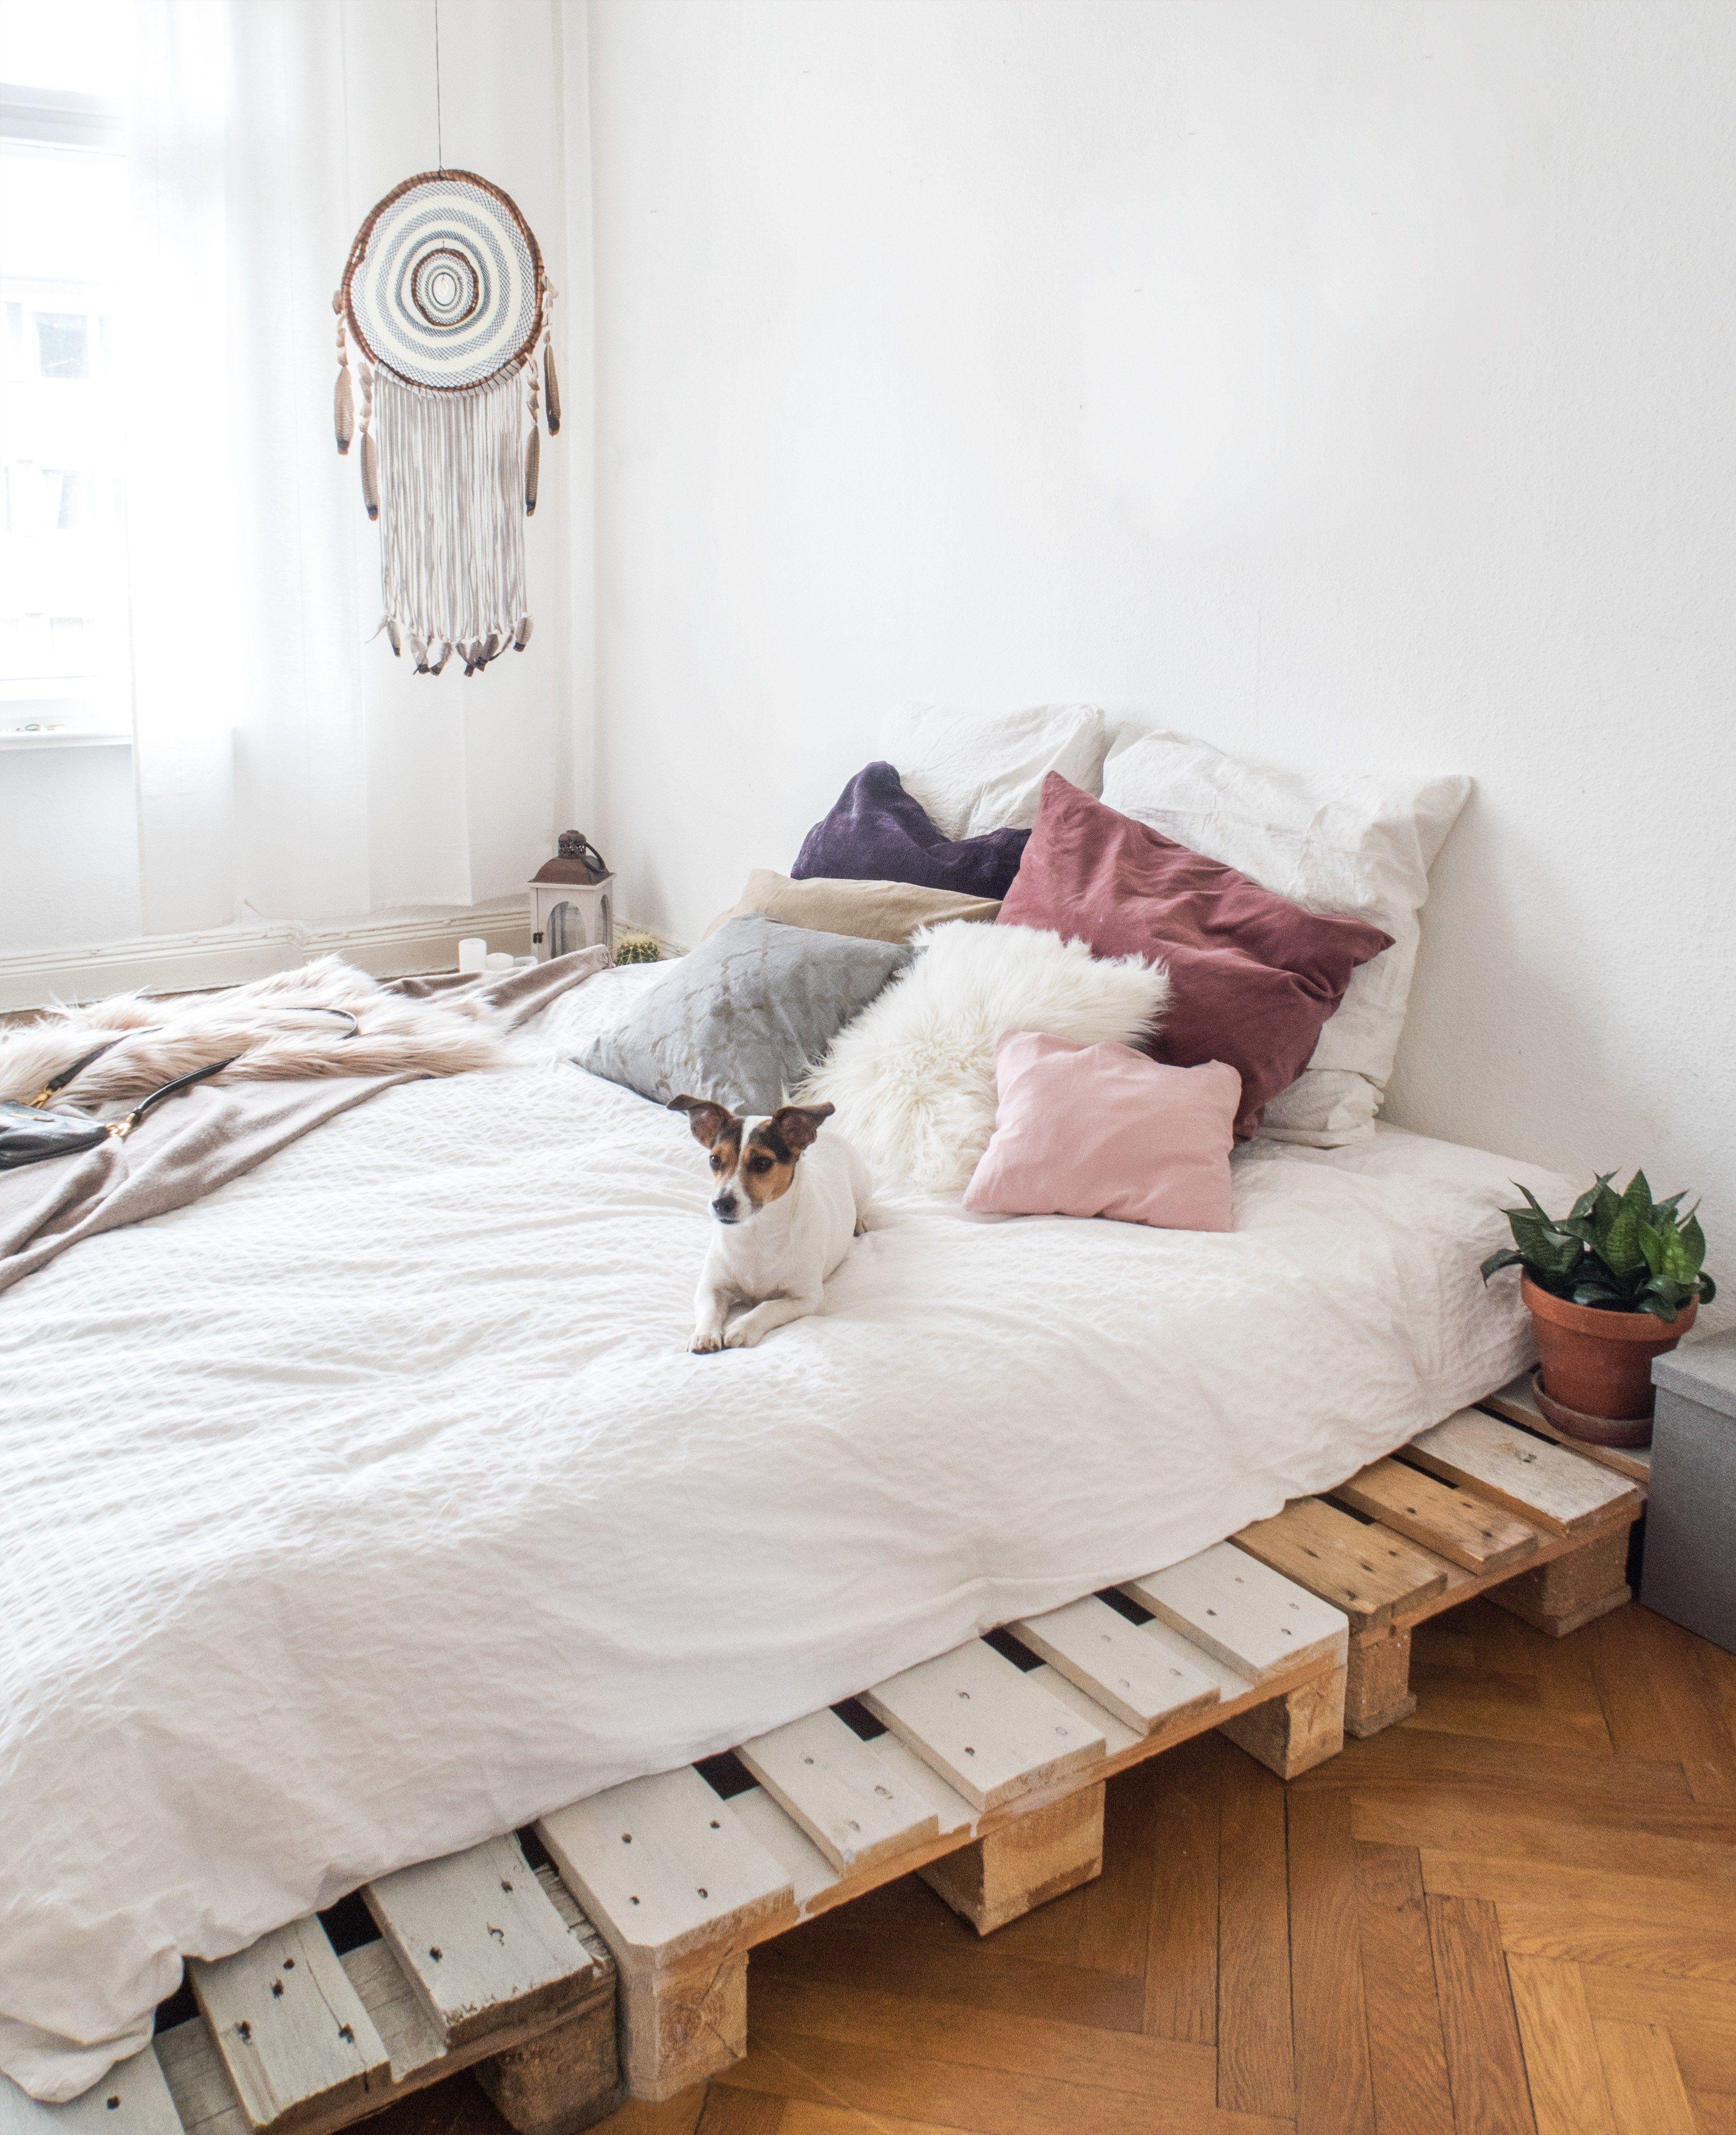 dein eigenes palettenbett in wenigen schritten selbstgebaut schlafzimmer pinterest. Black Bedroom Furniture Sets. Home Design Ideas